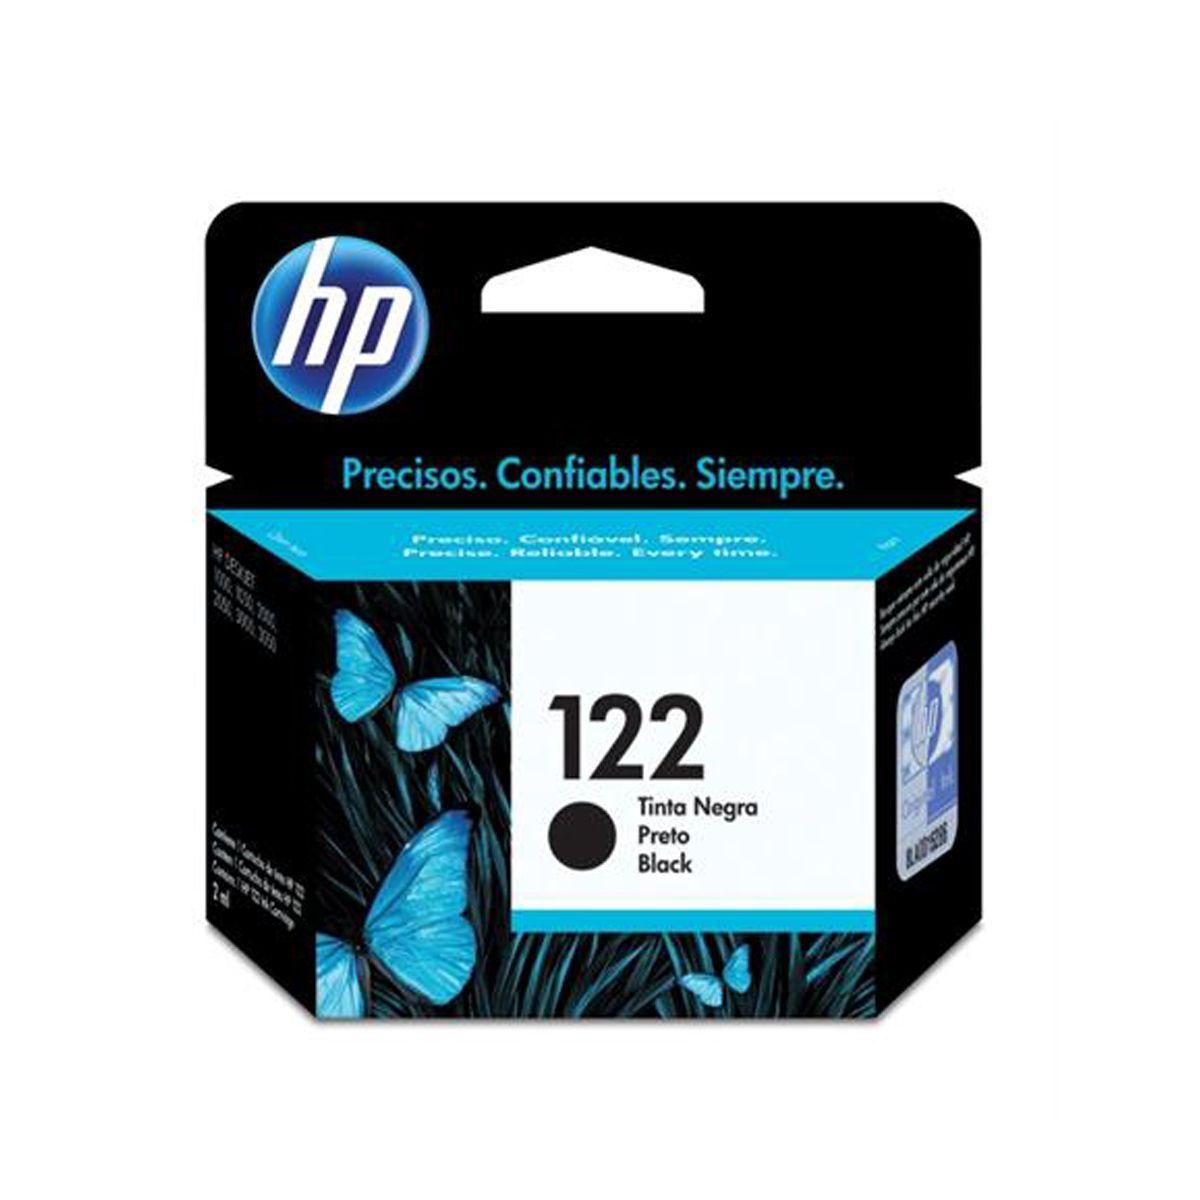 Cartucho HP 122 Preto CH561HB 2ML